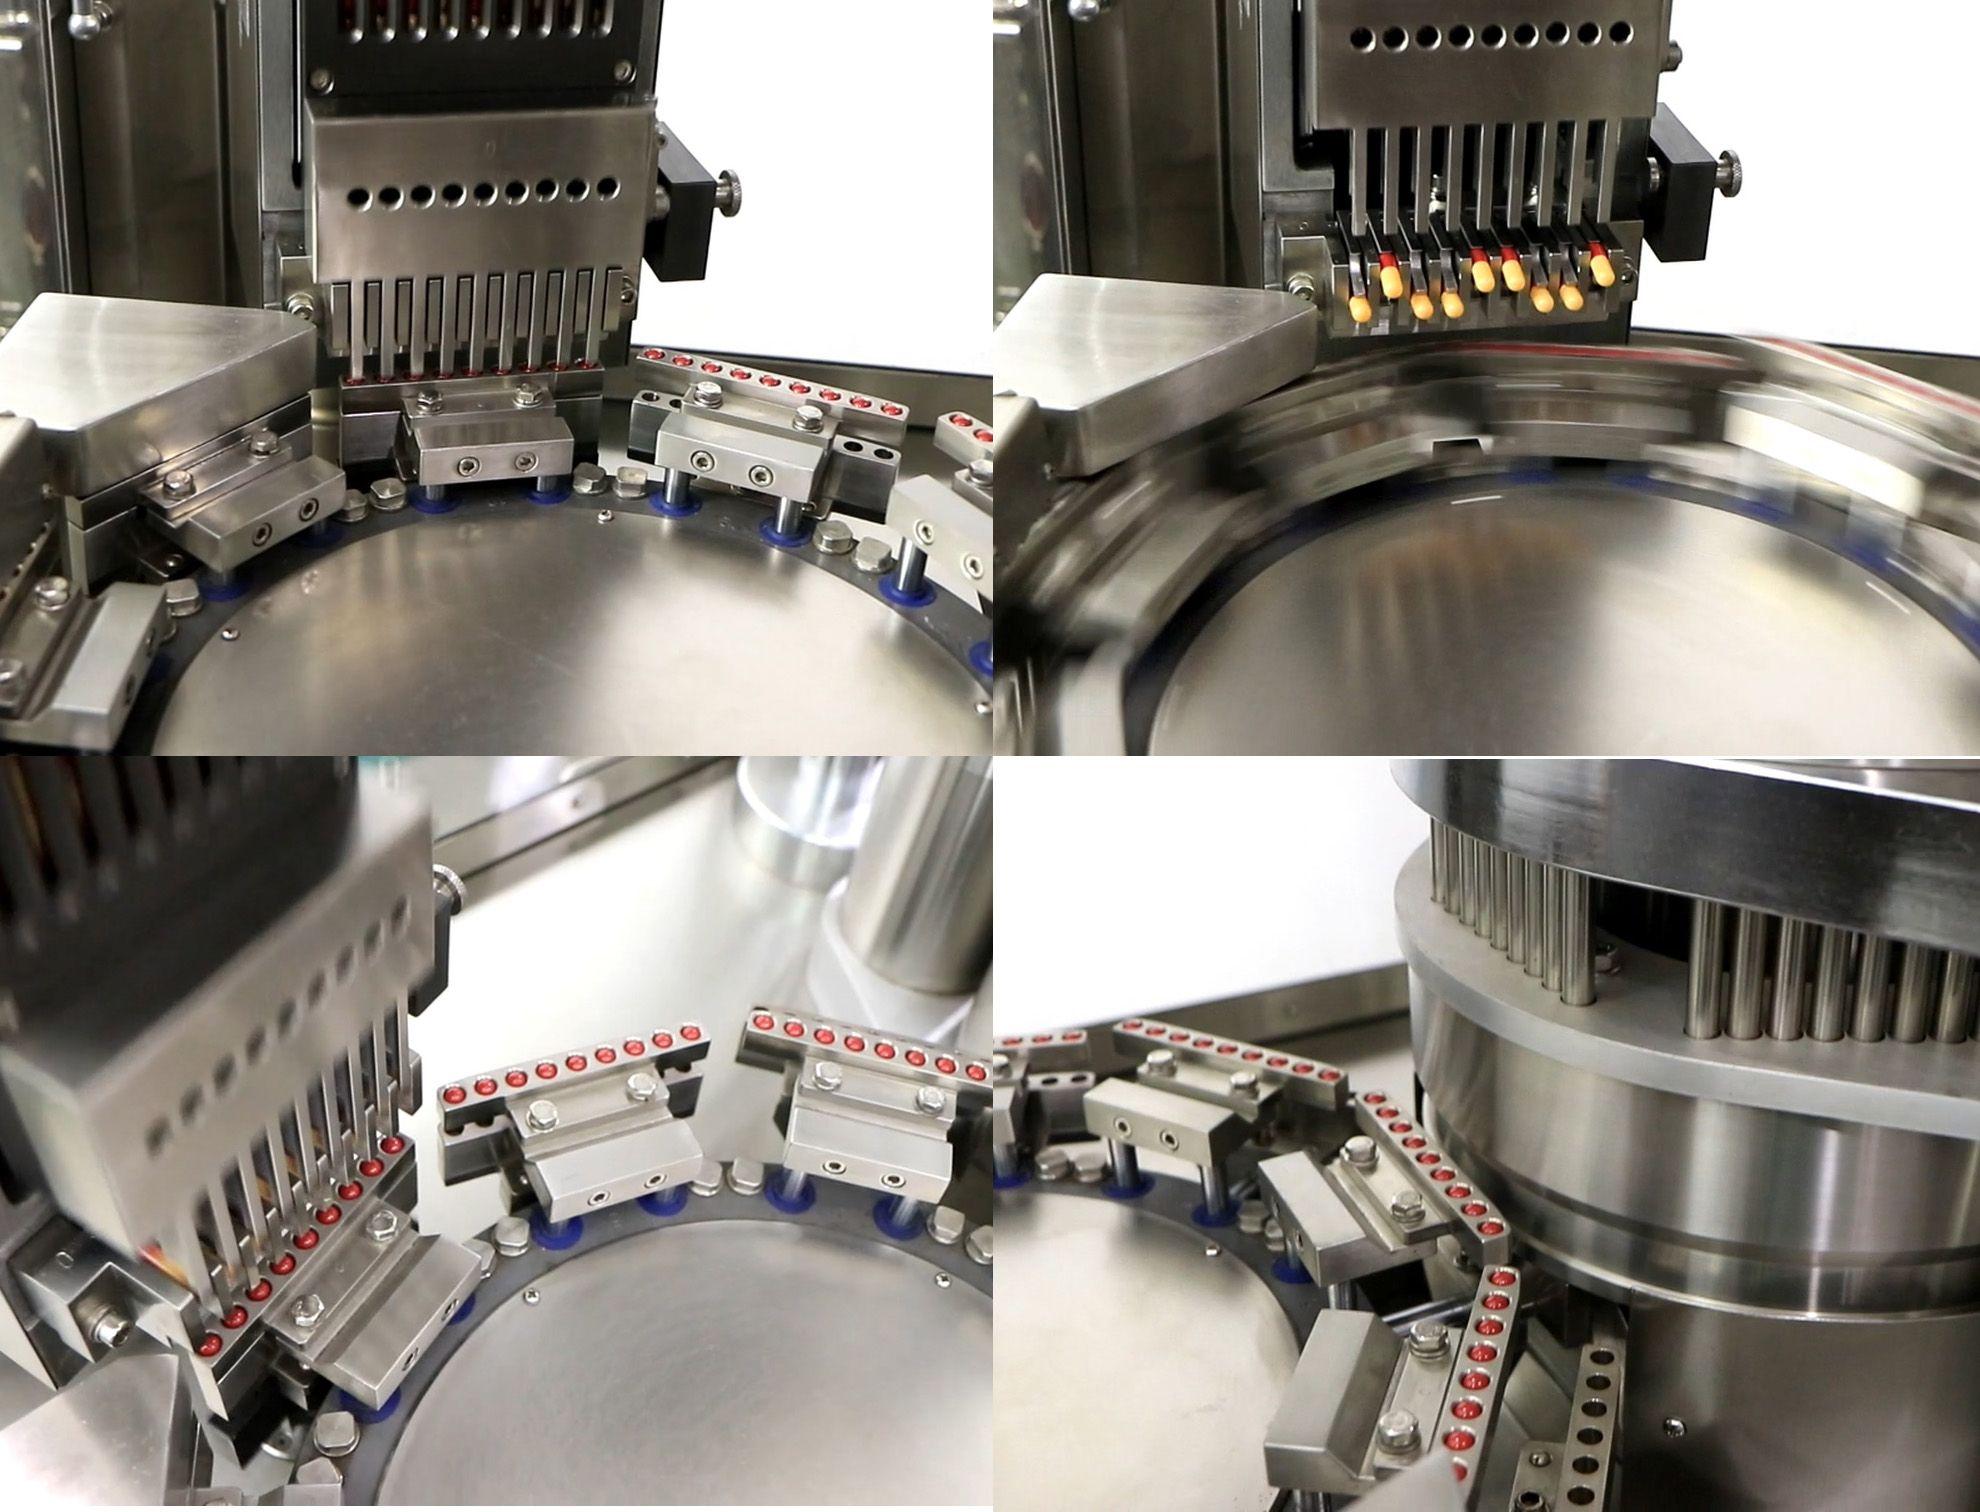 Automatic Capsule Filling Machine Liquid Capsule Filling Machine Capsule Filling Machine Semi Automatic Pill Capsule Filling Machin Machine Capsule Filling